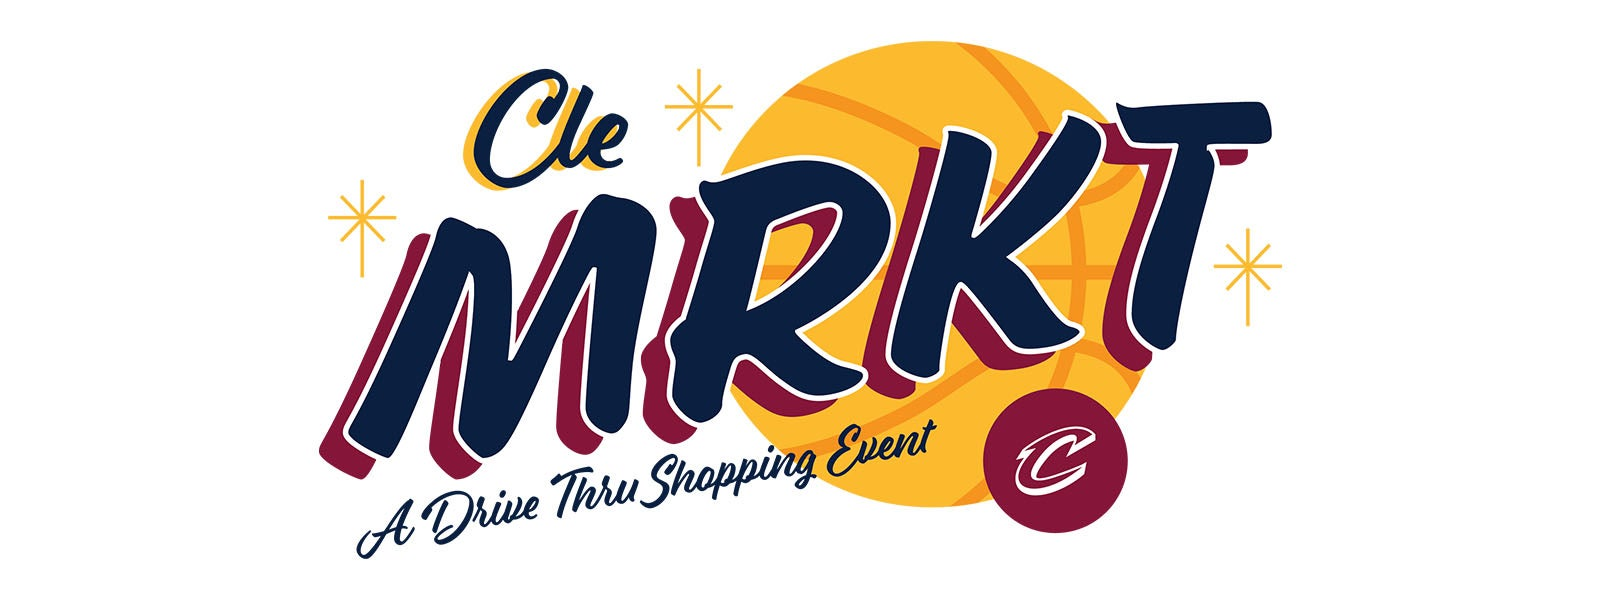 CLE Market